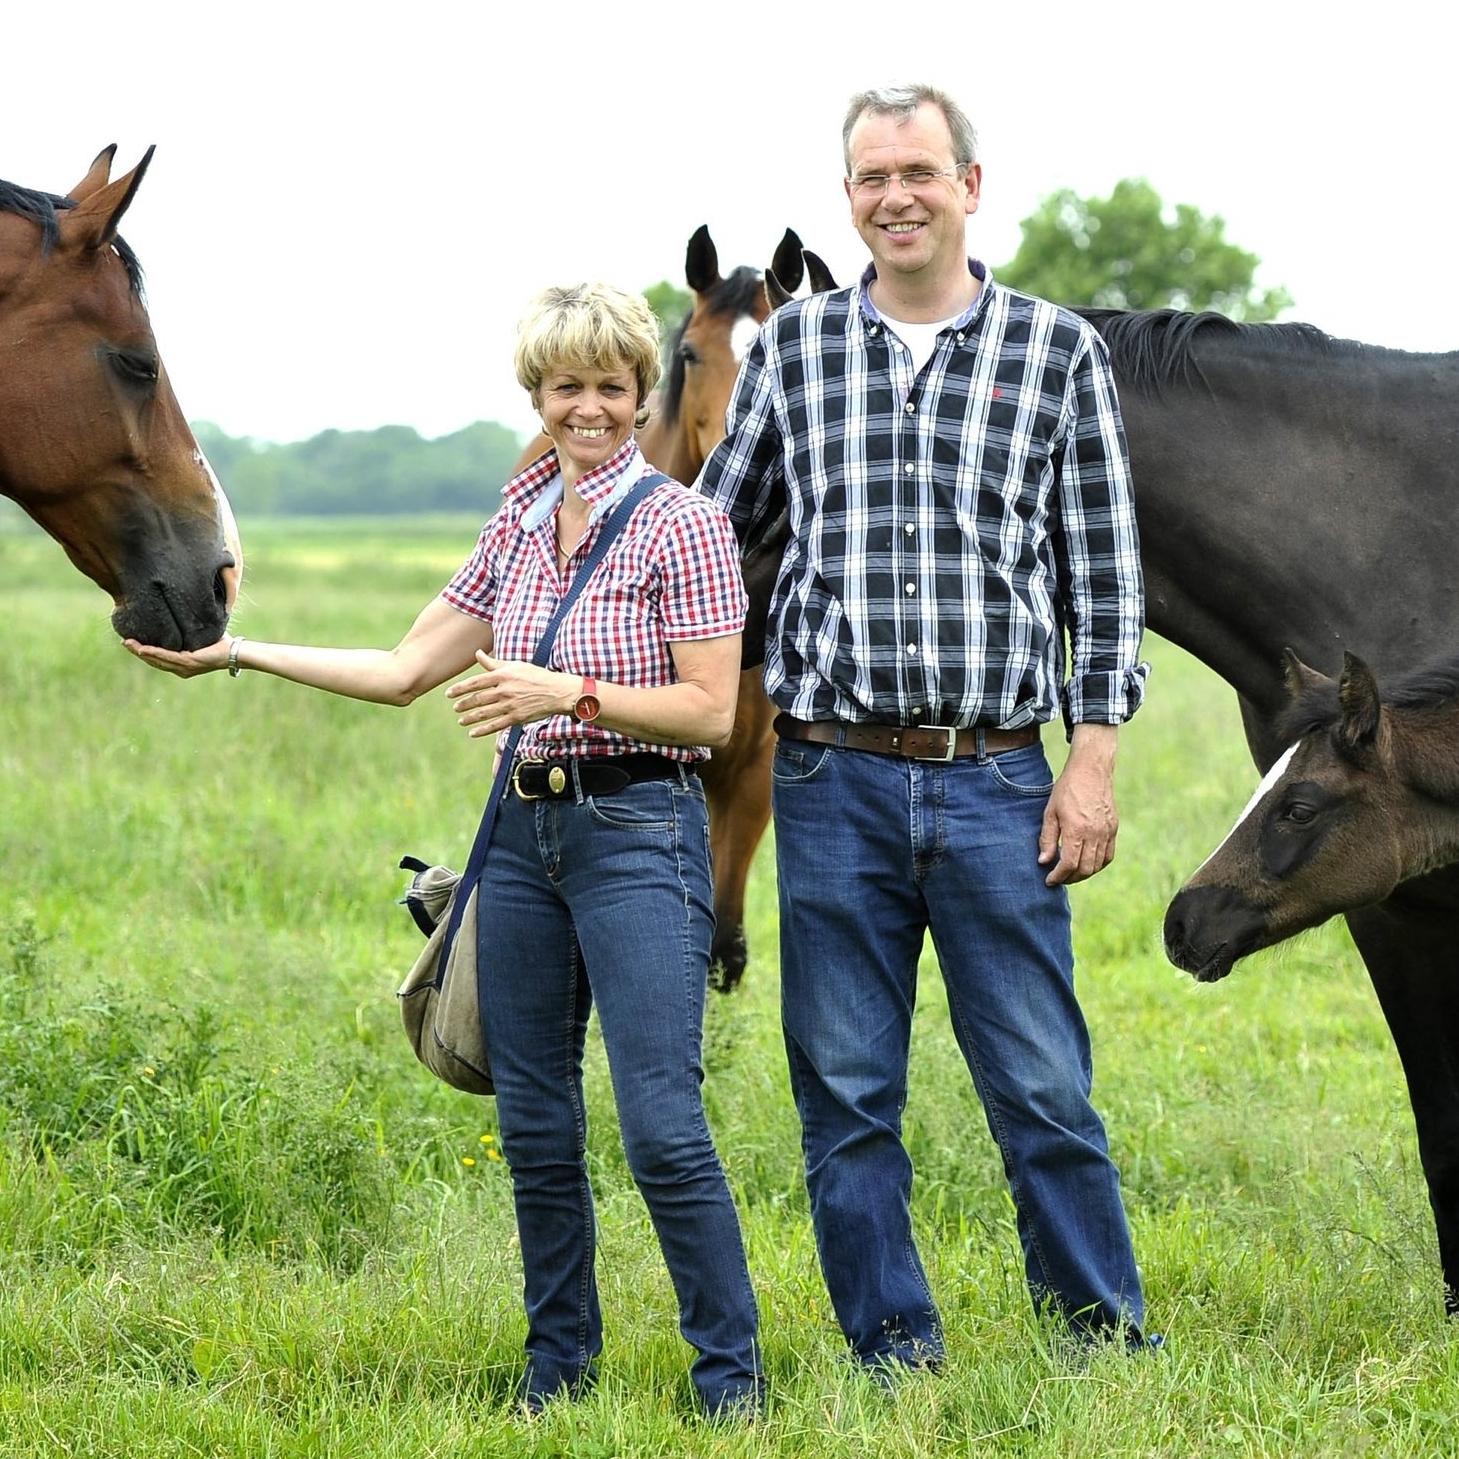 Susanne und Jens Meyer-06-13-16-0734.jpg